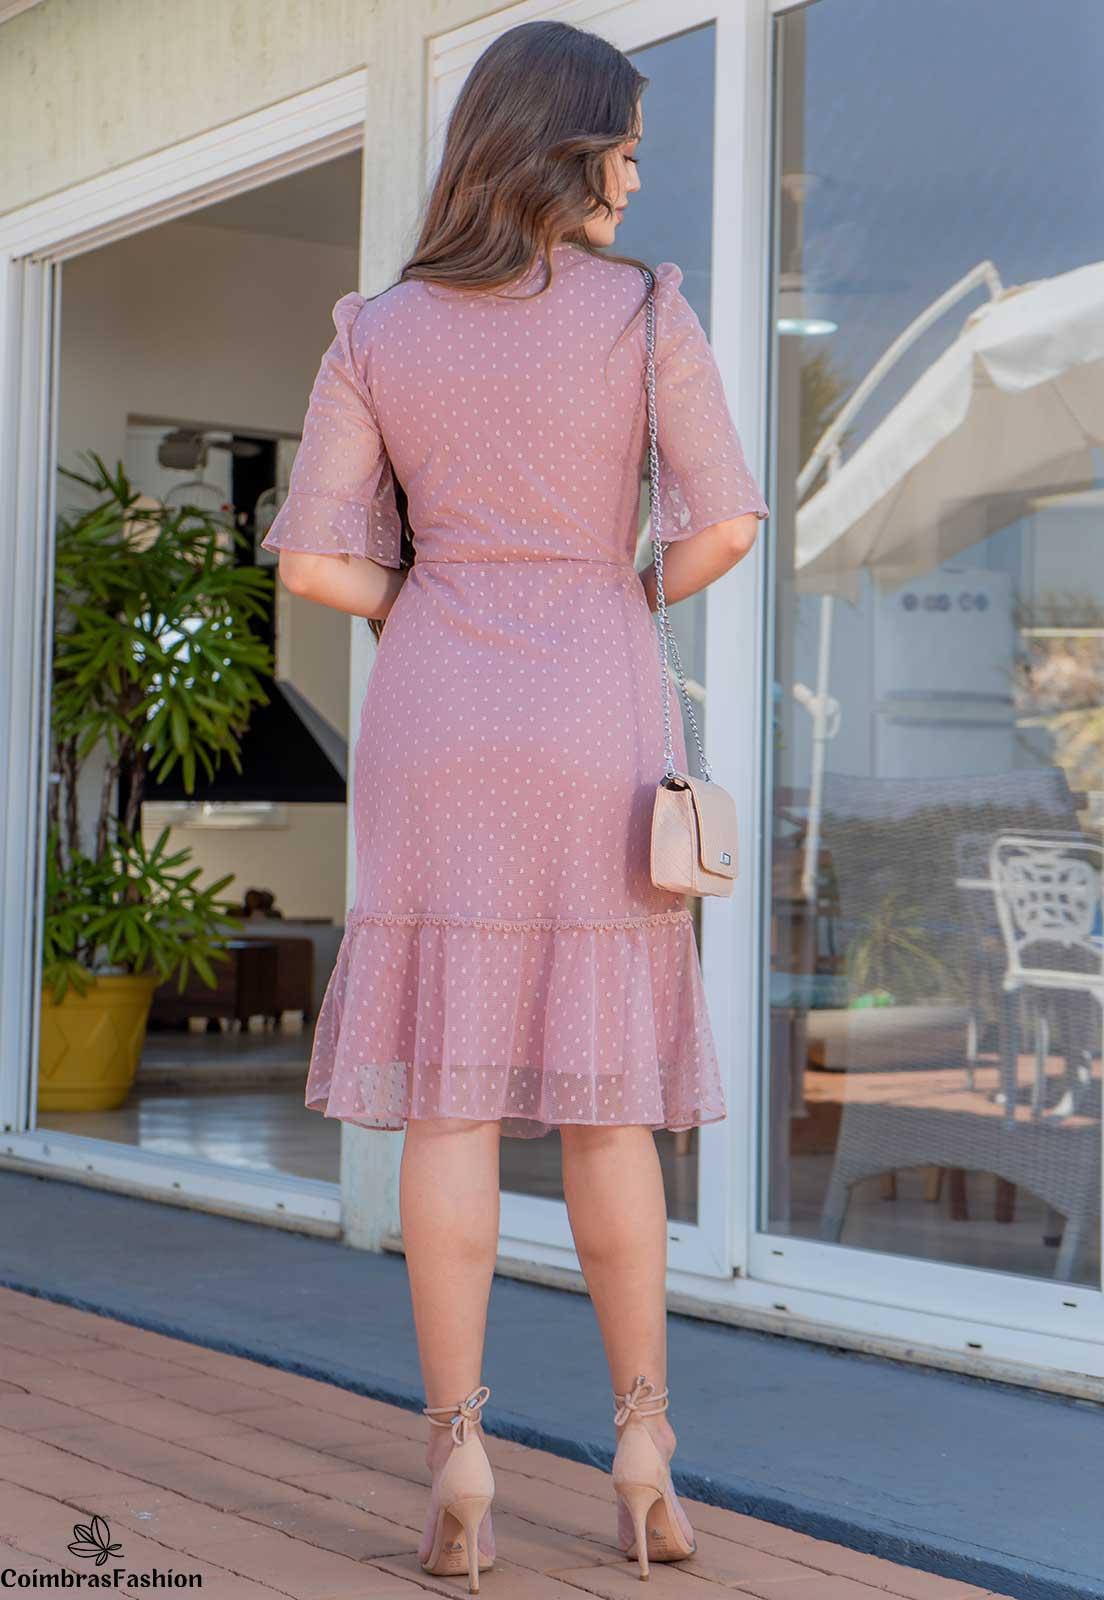 Vestido em tule poá com detalhes em renda luciana pais